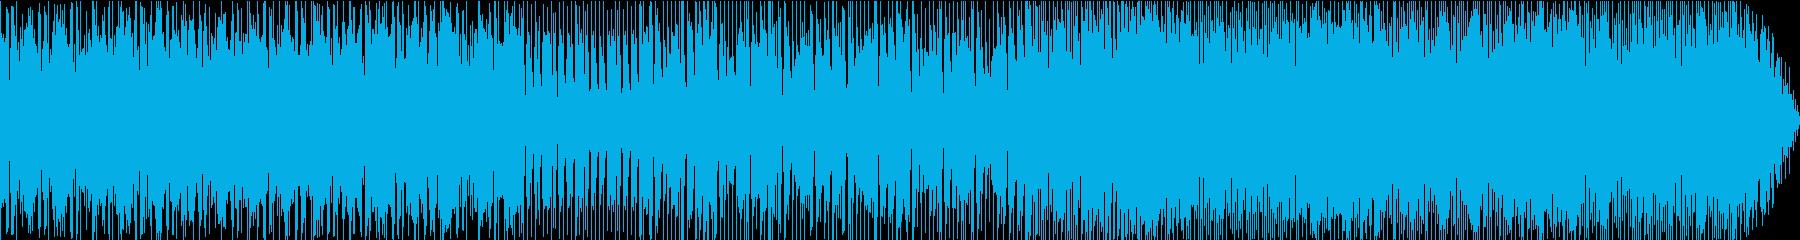 ワールドミュージックな感じの曲の再生済みの波形